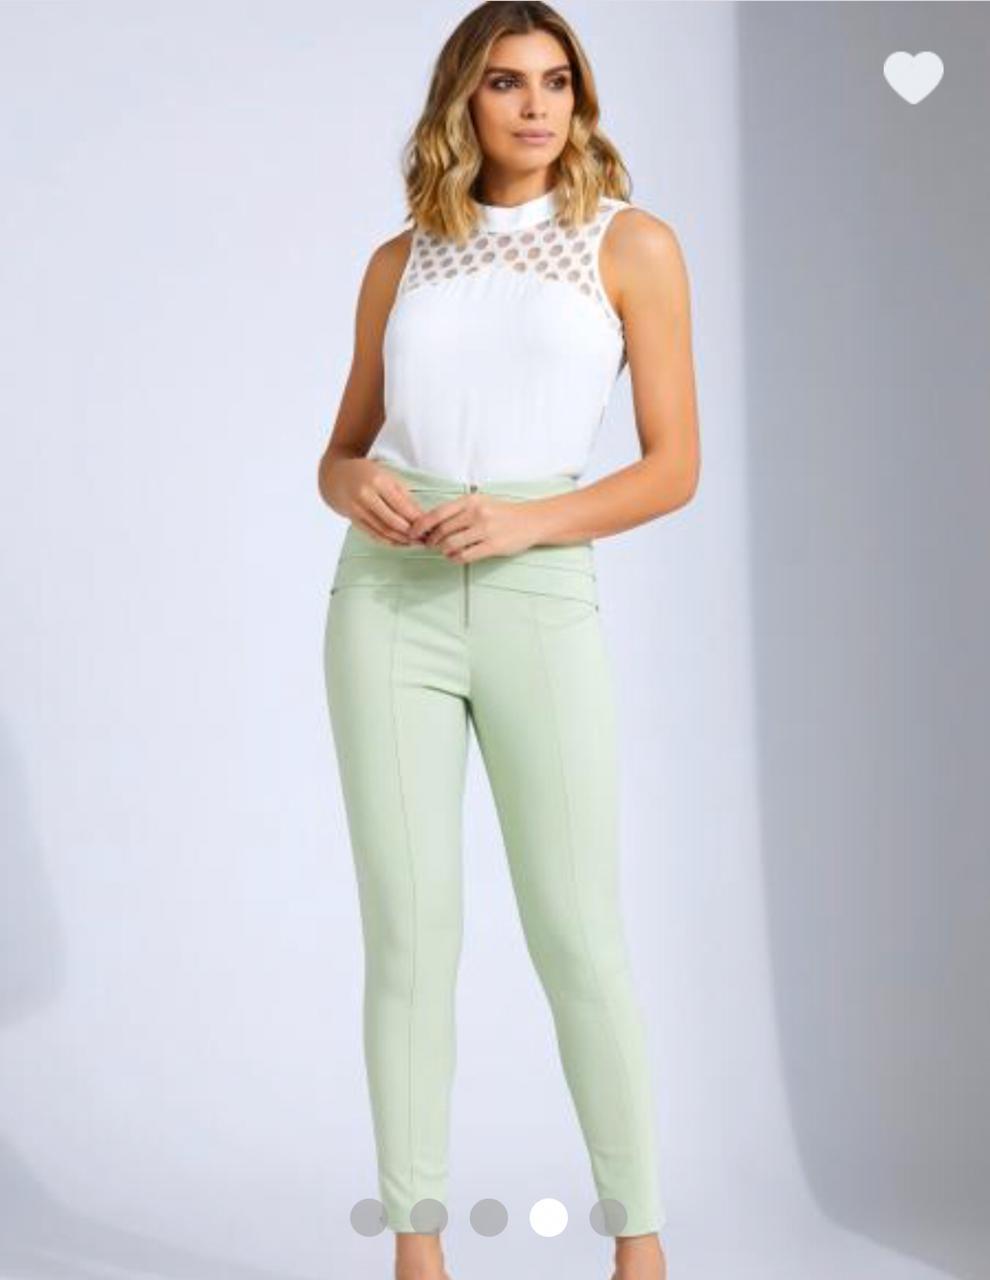 Calça Unique Skinny  3% Elastano 50% algodão 47% Poliamida